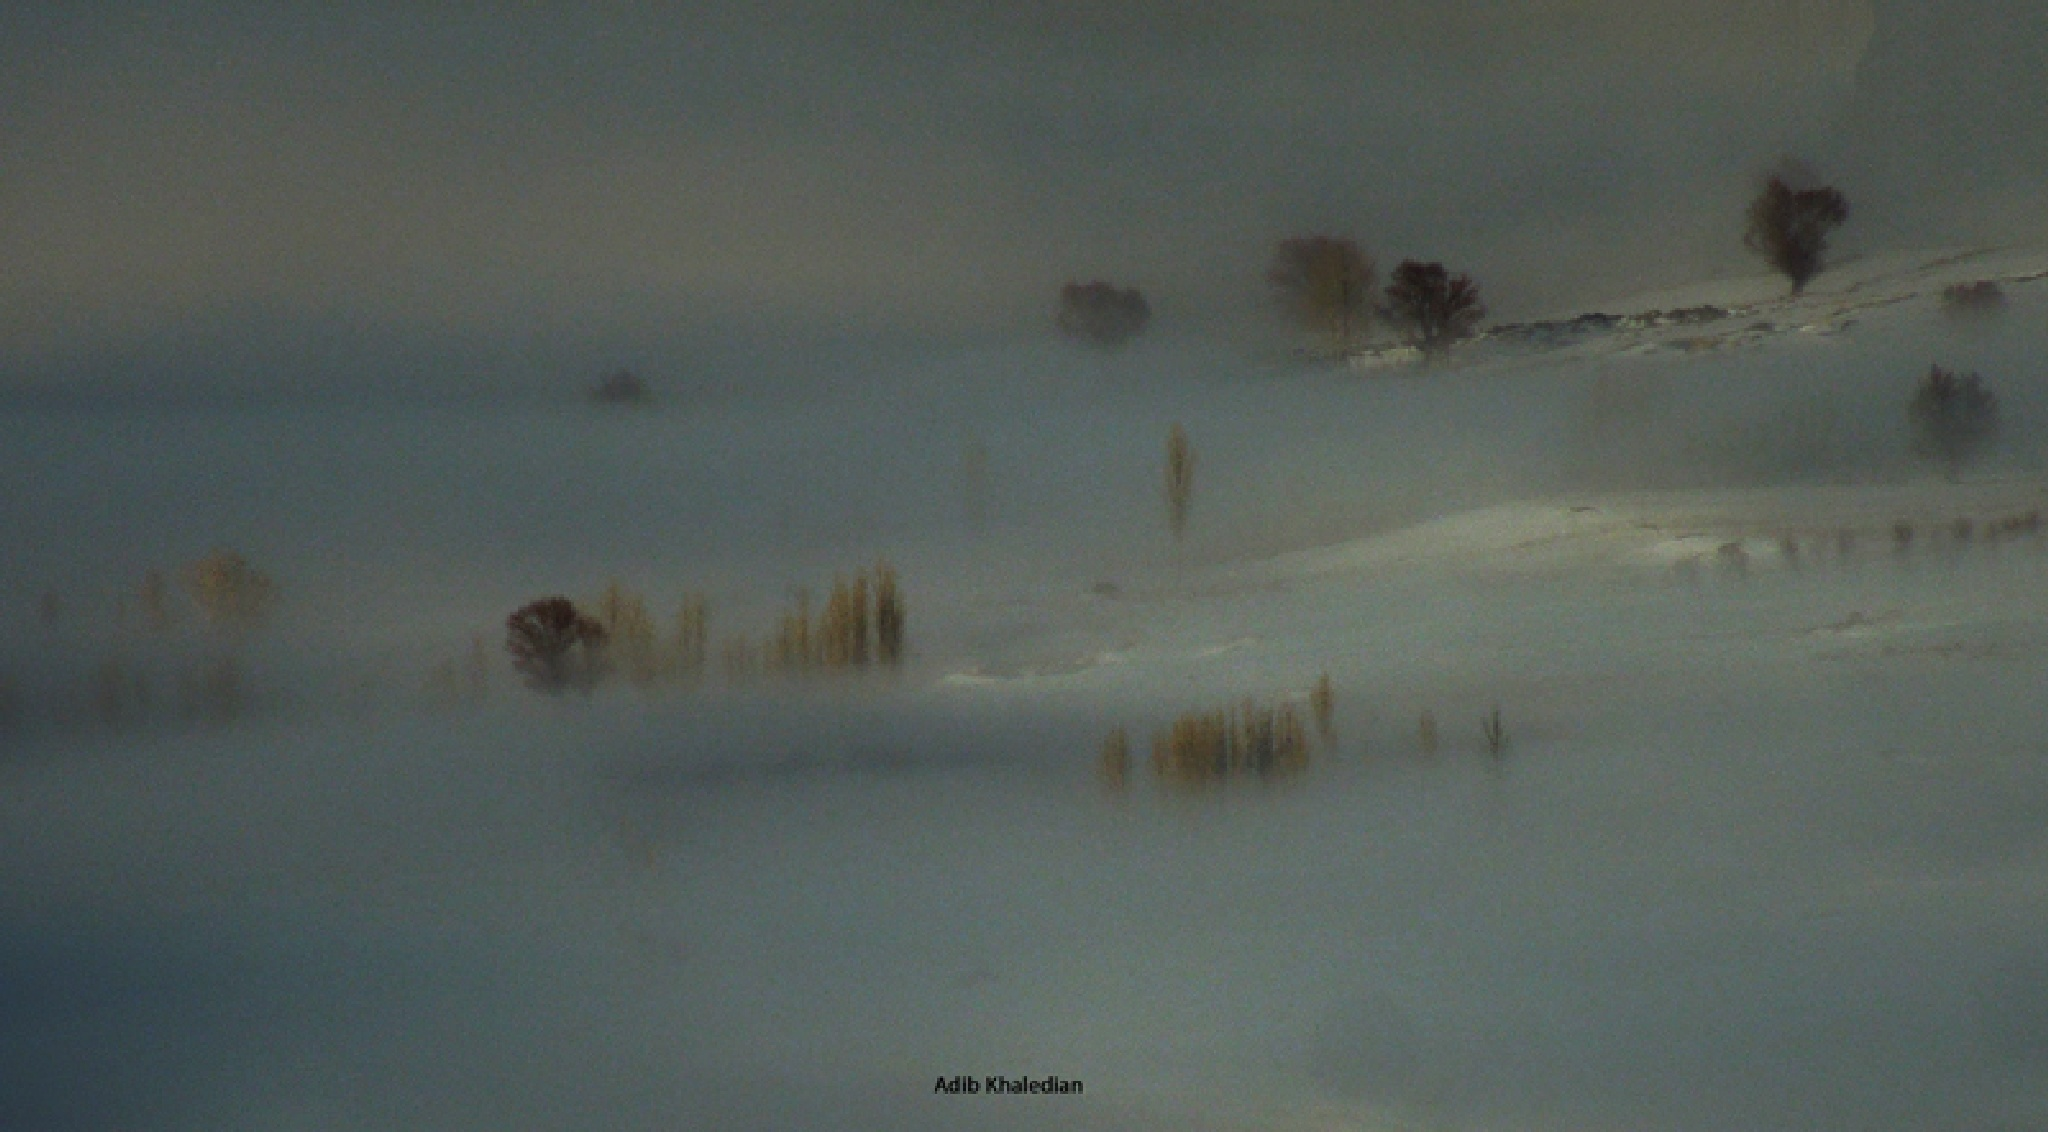 Untitled by Adib Khaledian